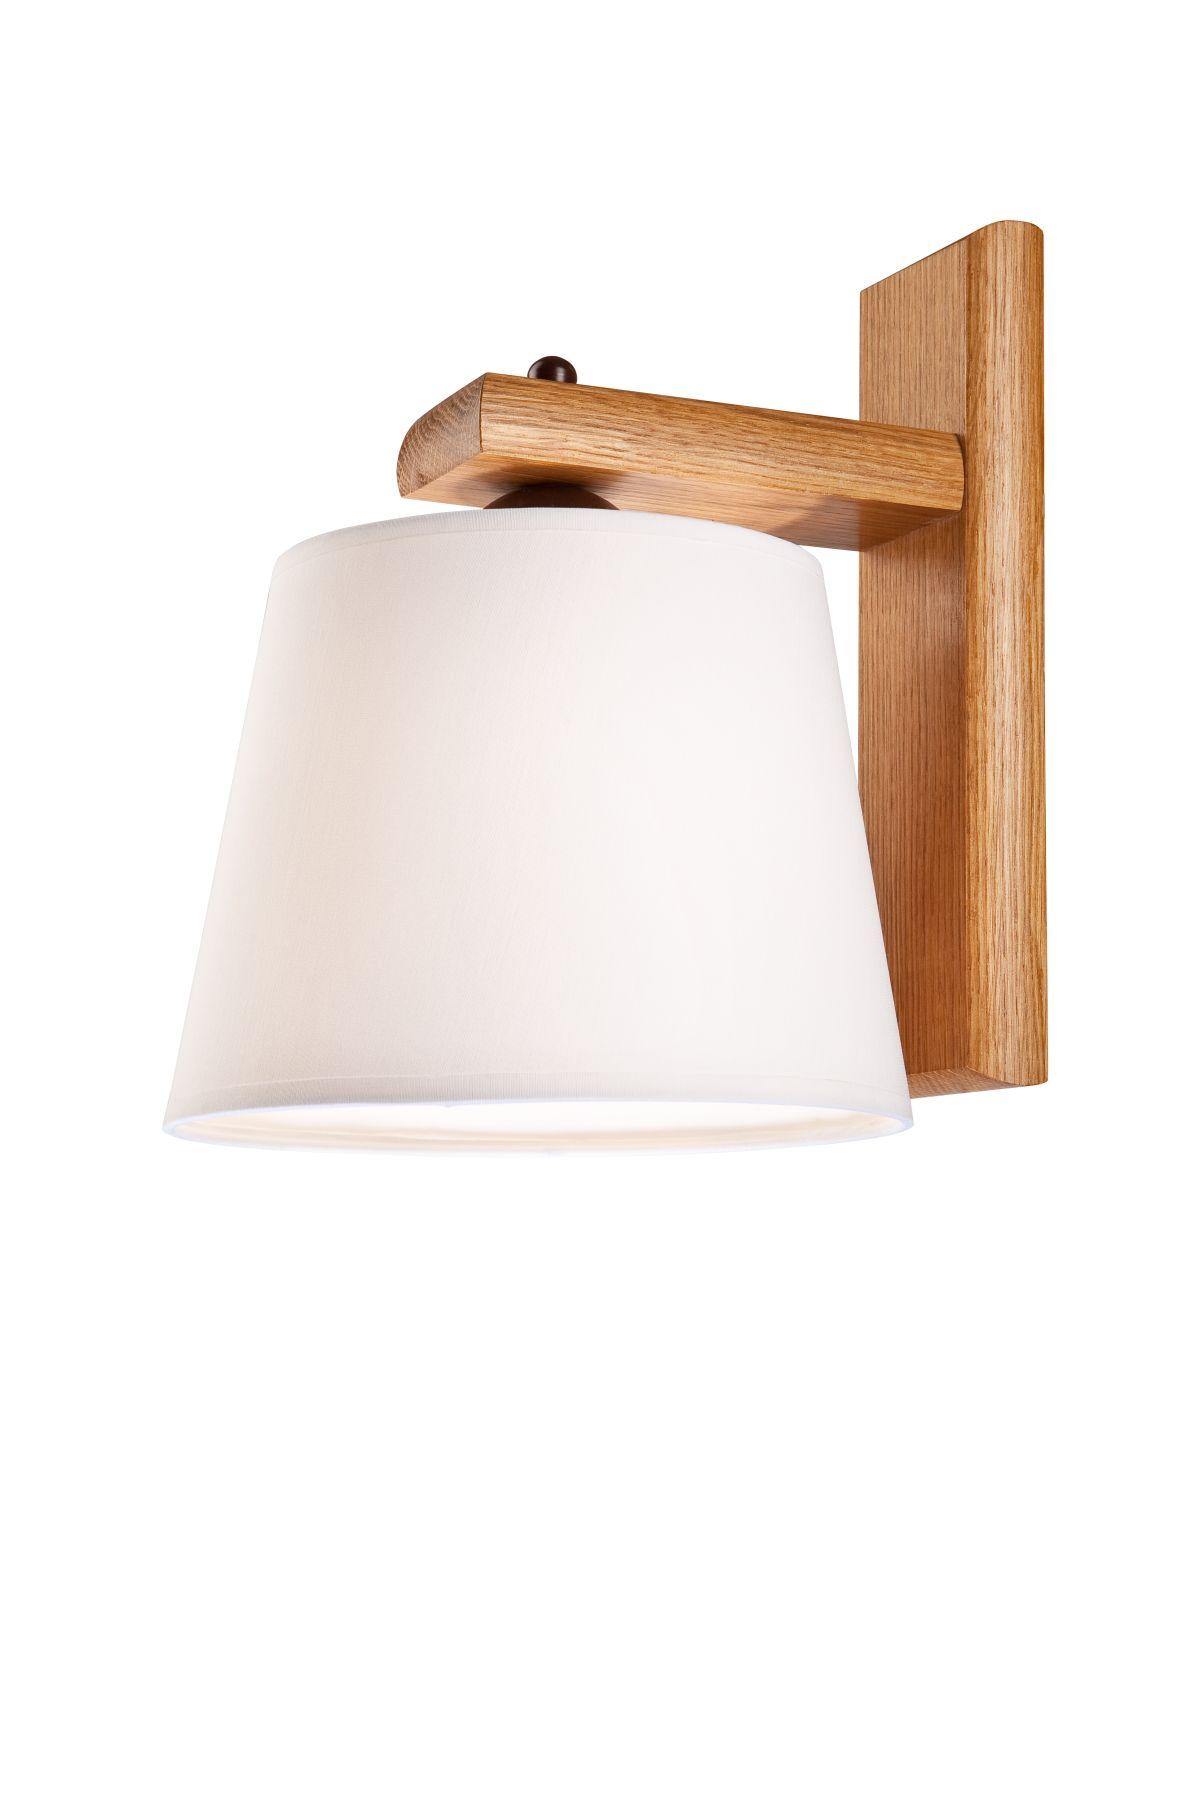 Wandleuchte Schirm Holz wohnlich BEVERELY Lampe